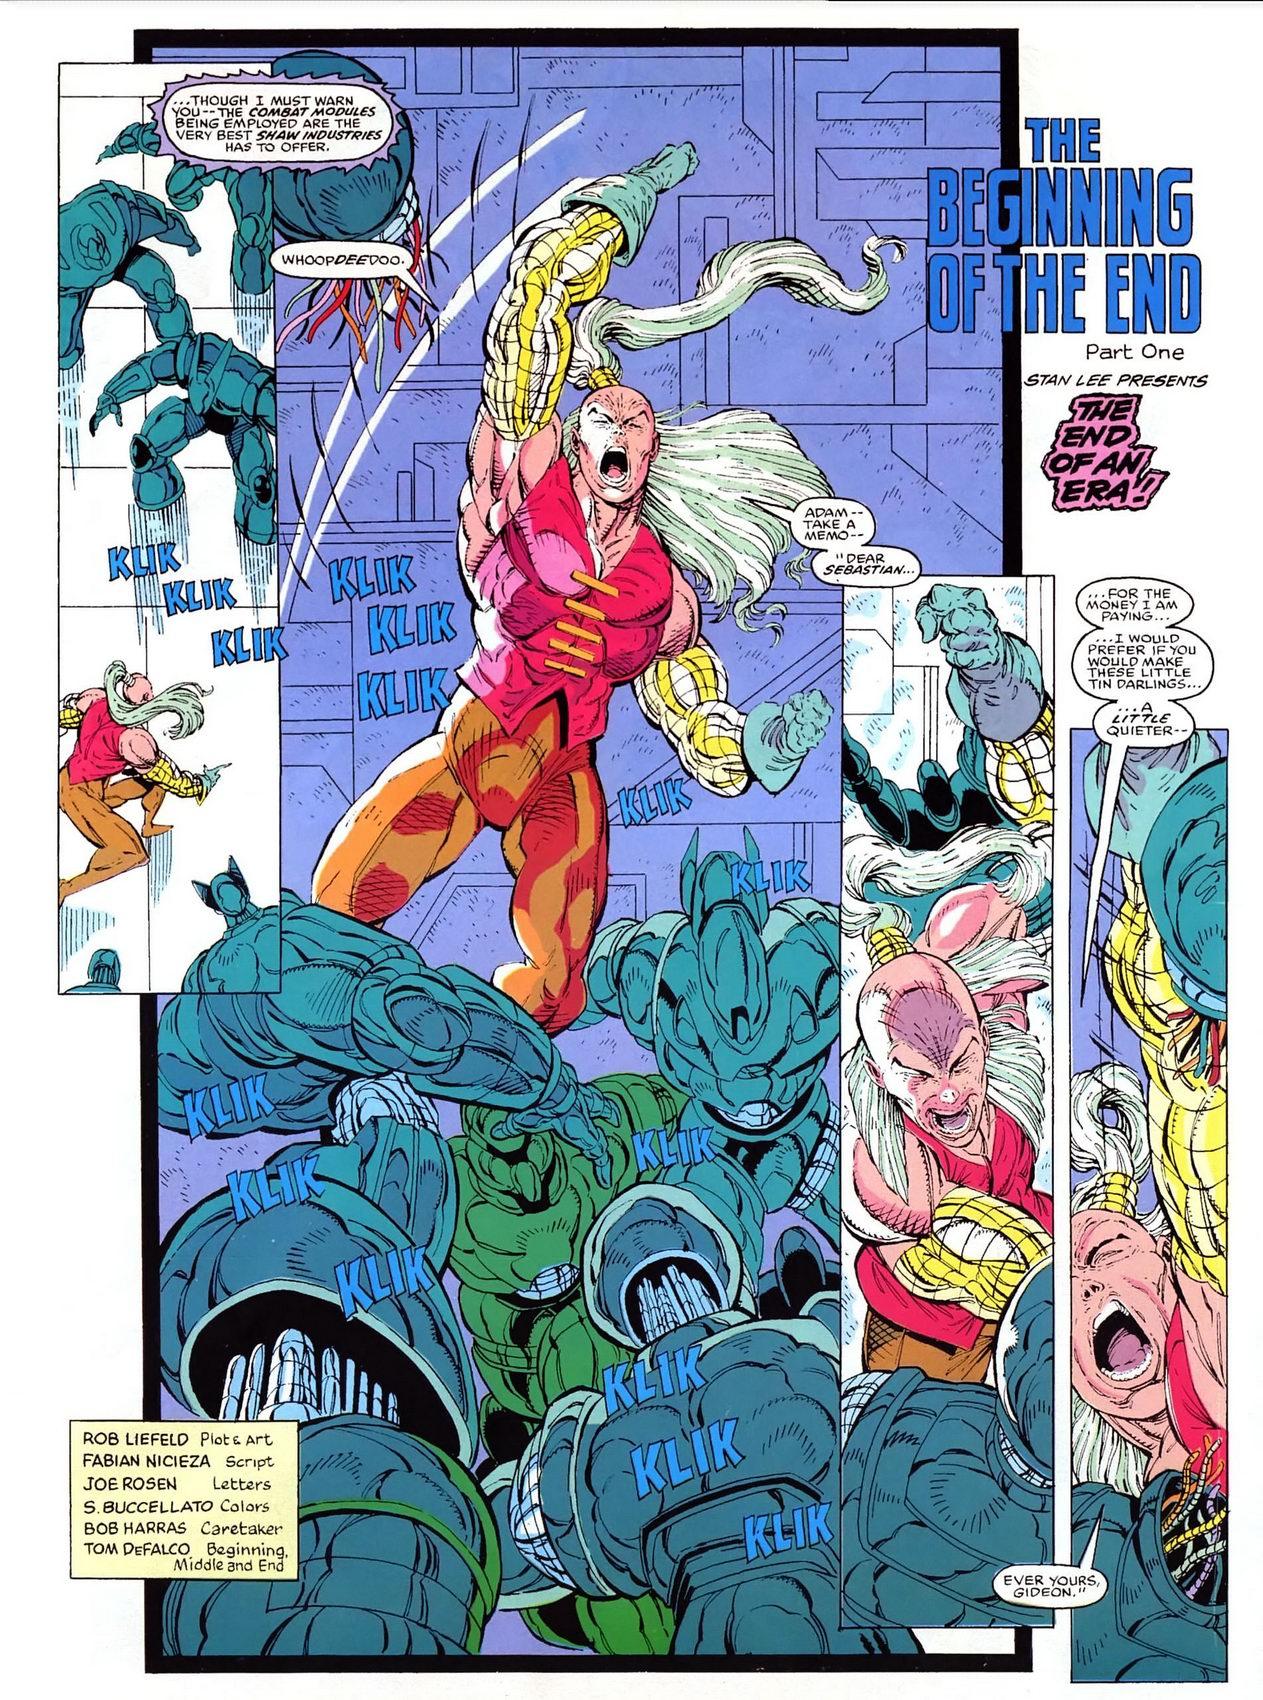 Read online Wolverine: Origins comic -  Issue #25 - 26